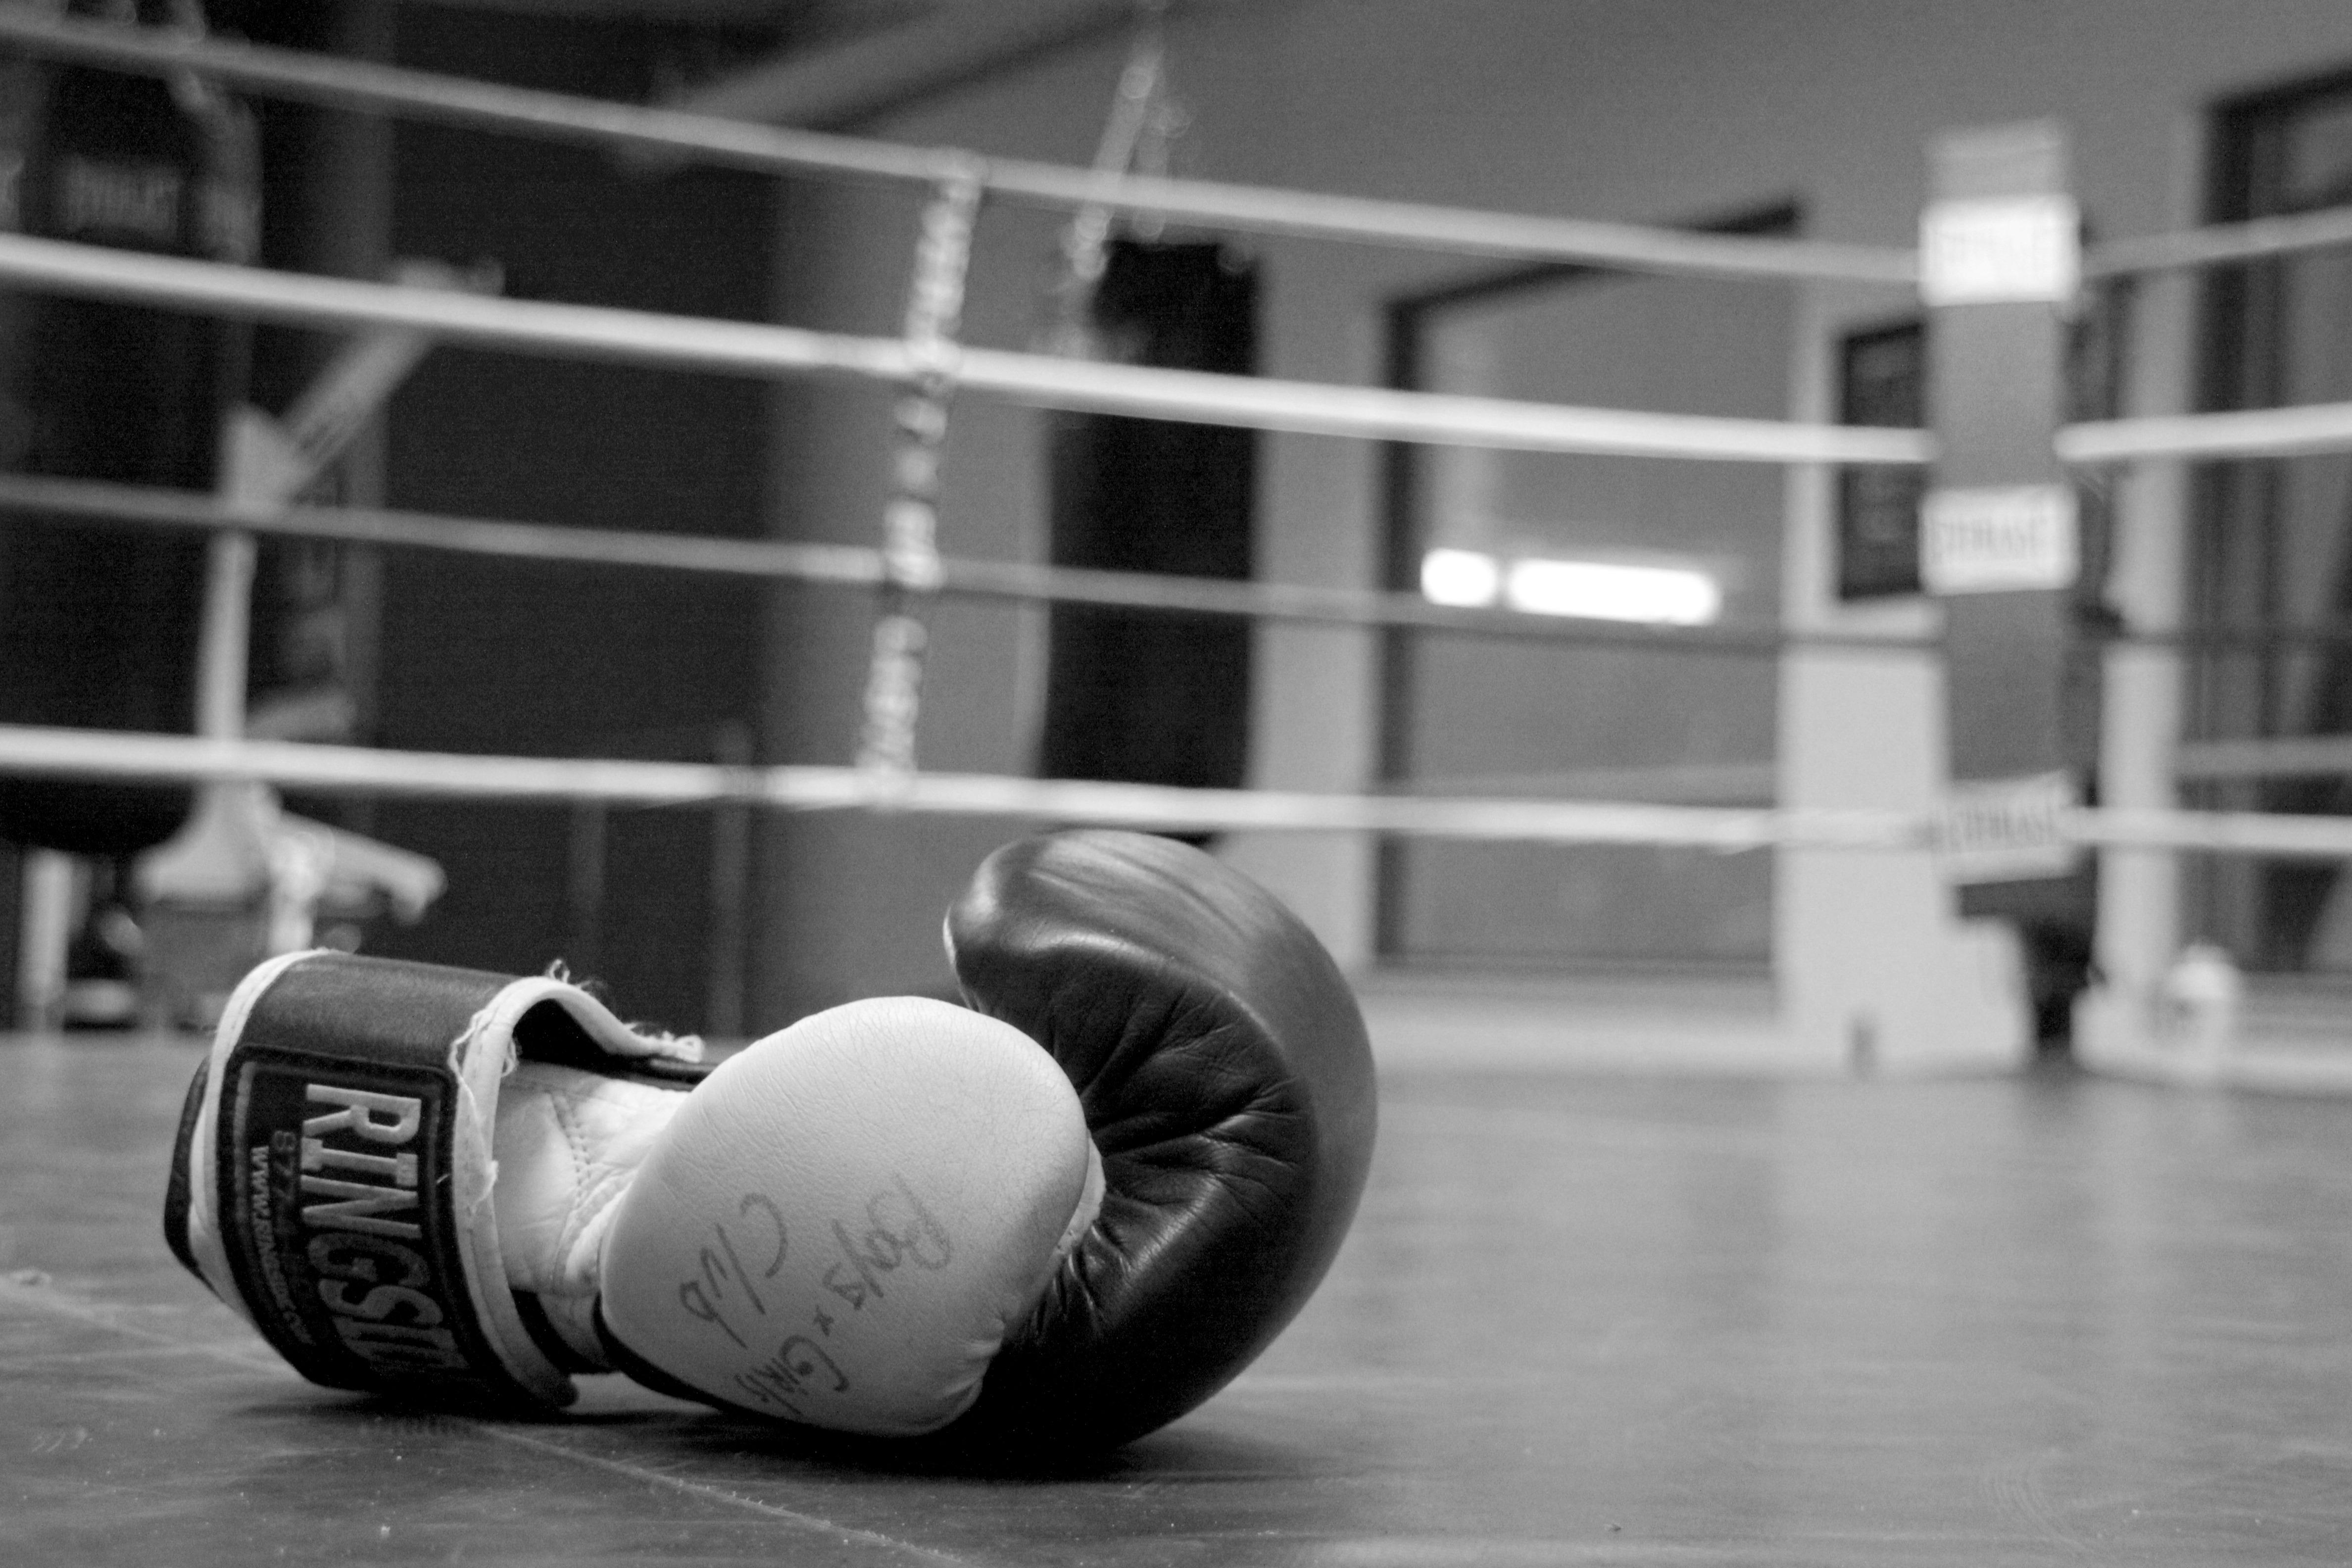 организации представлены картинки бокс широкоформатные связи будут